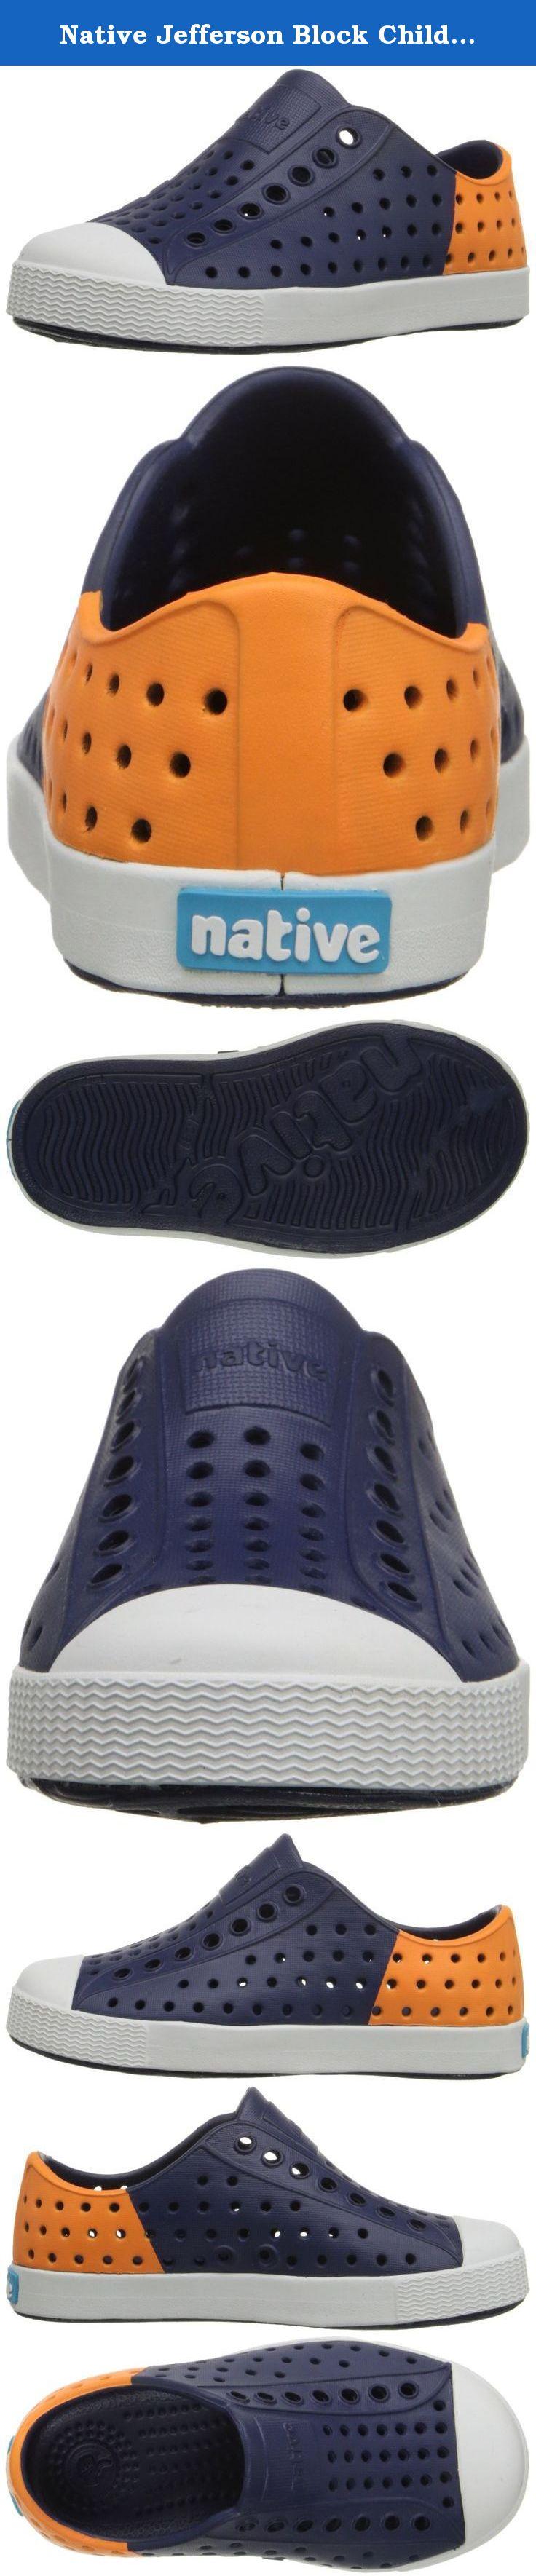 d8f680de5719c Native Jefferson Block Child Slip On Sneaker (Toddler/Little Kid ...